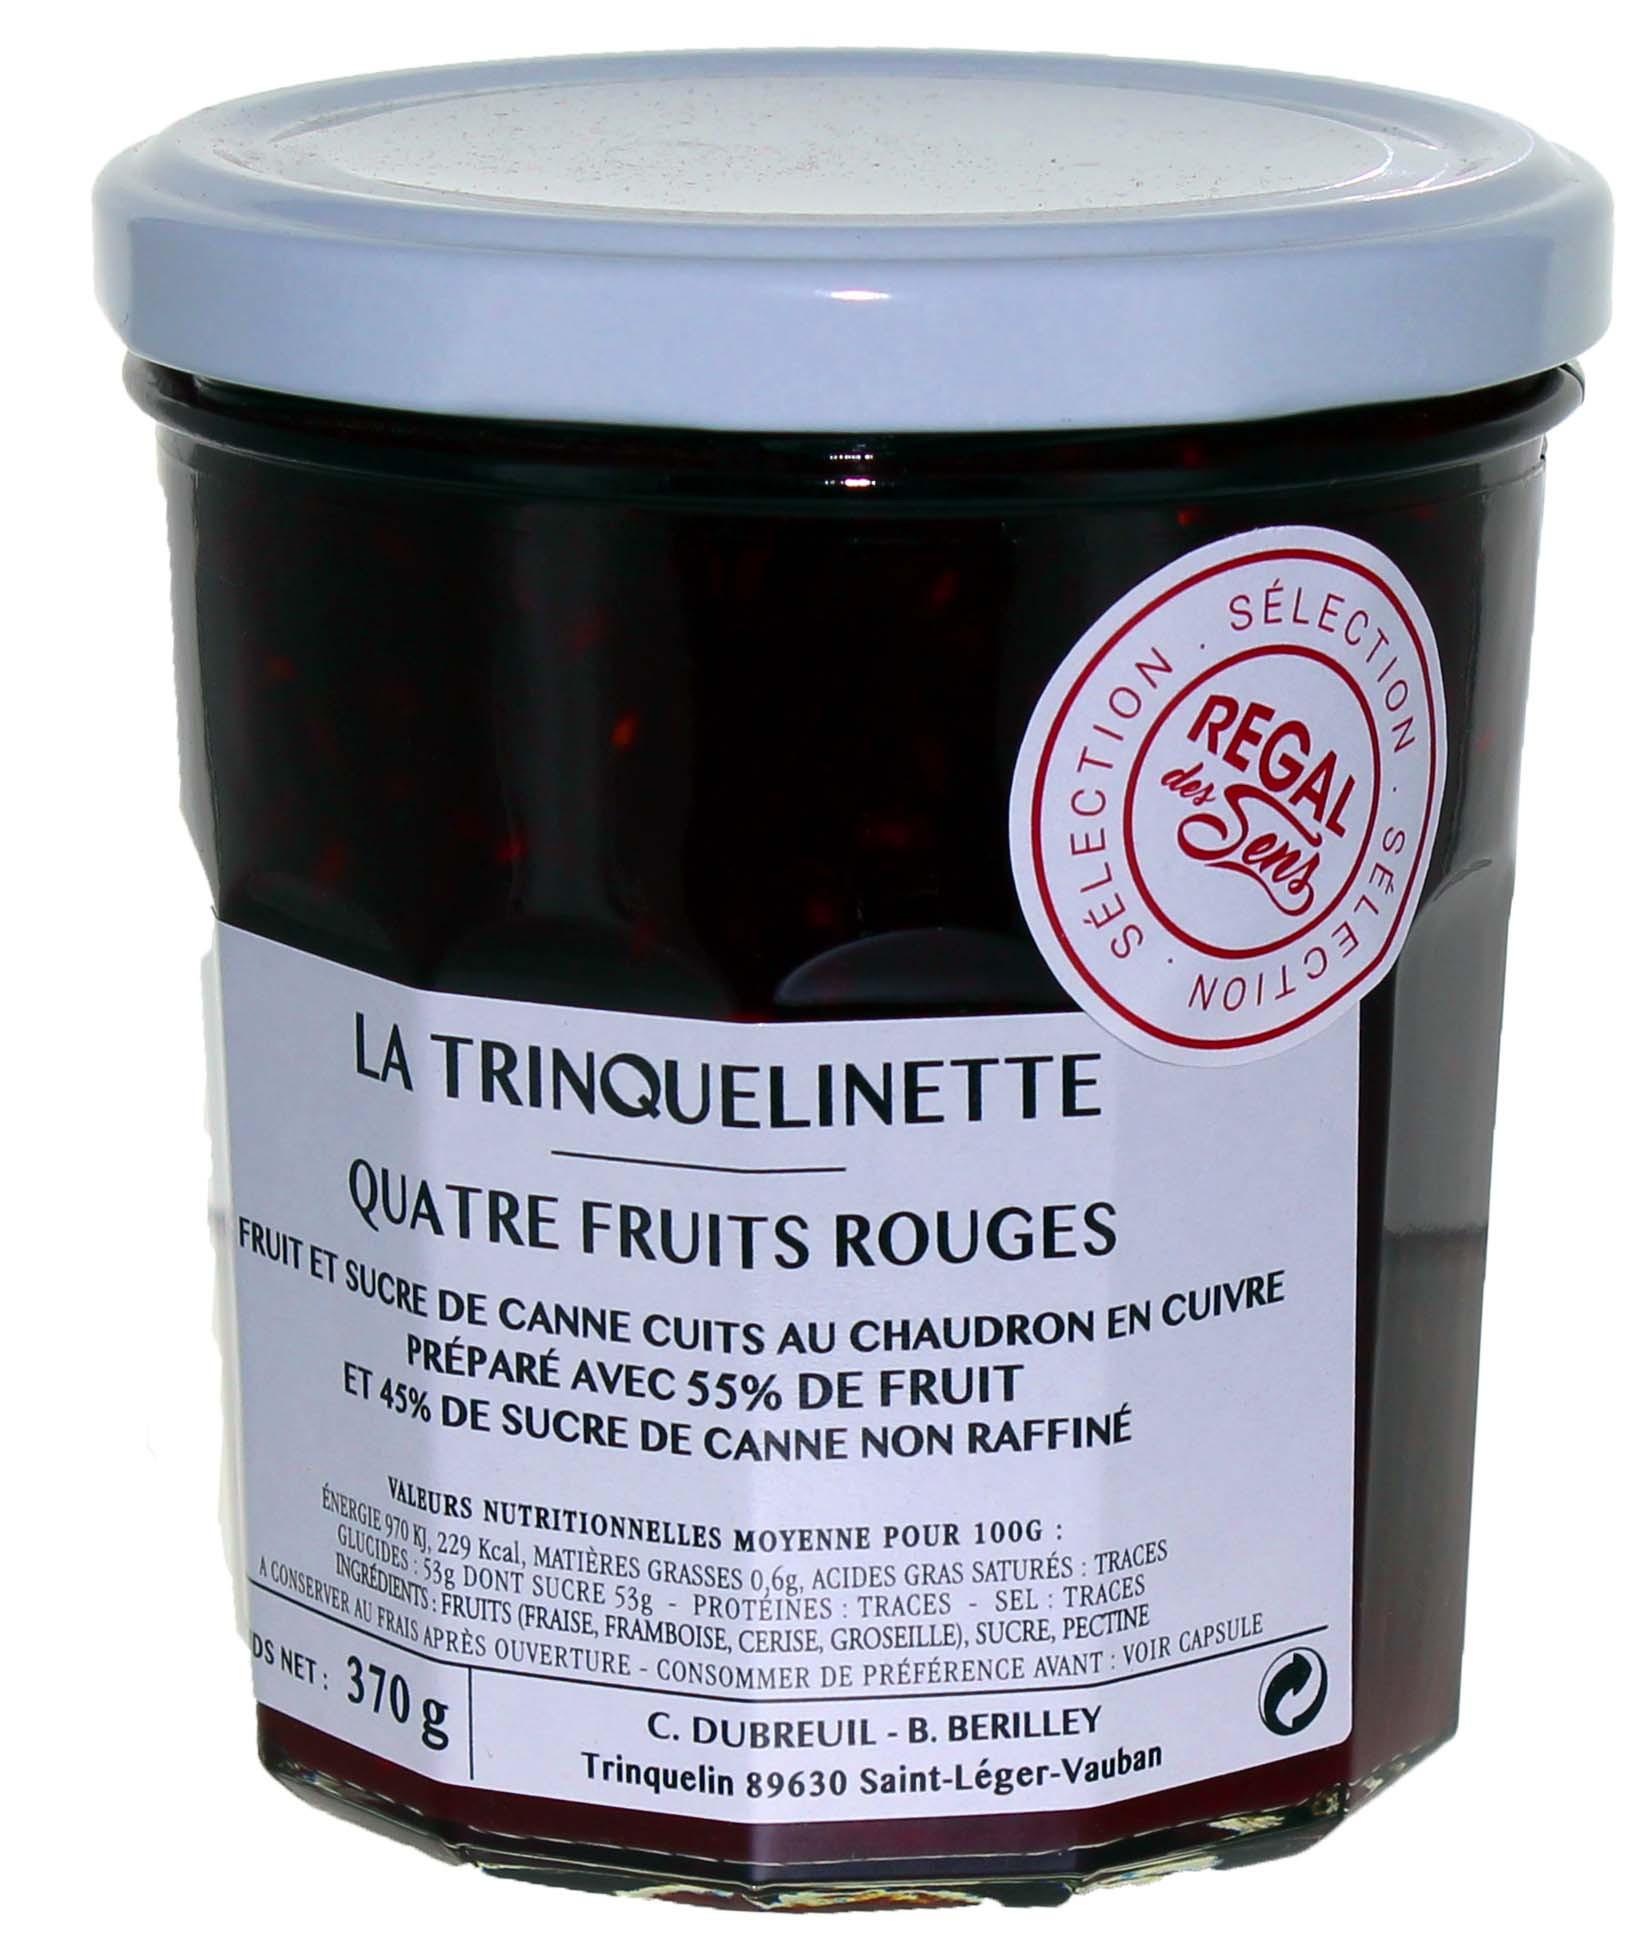 4 fruits rouges - La trinquelinette